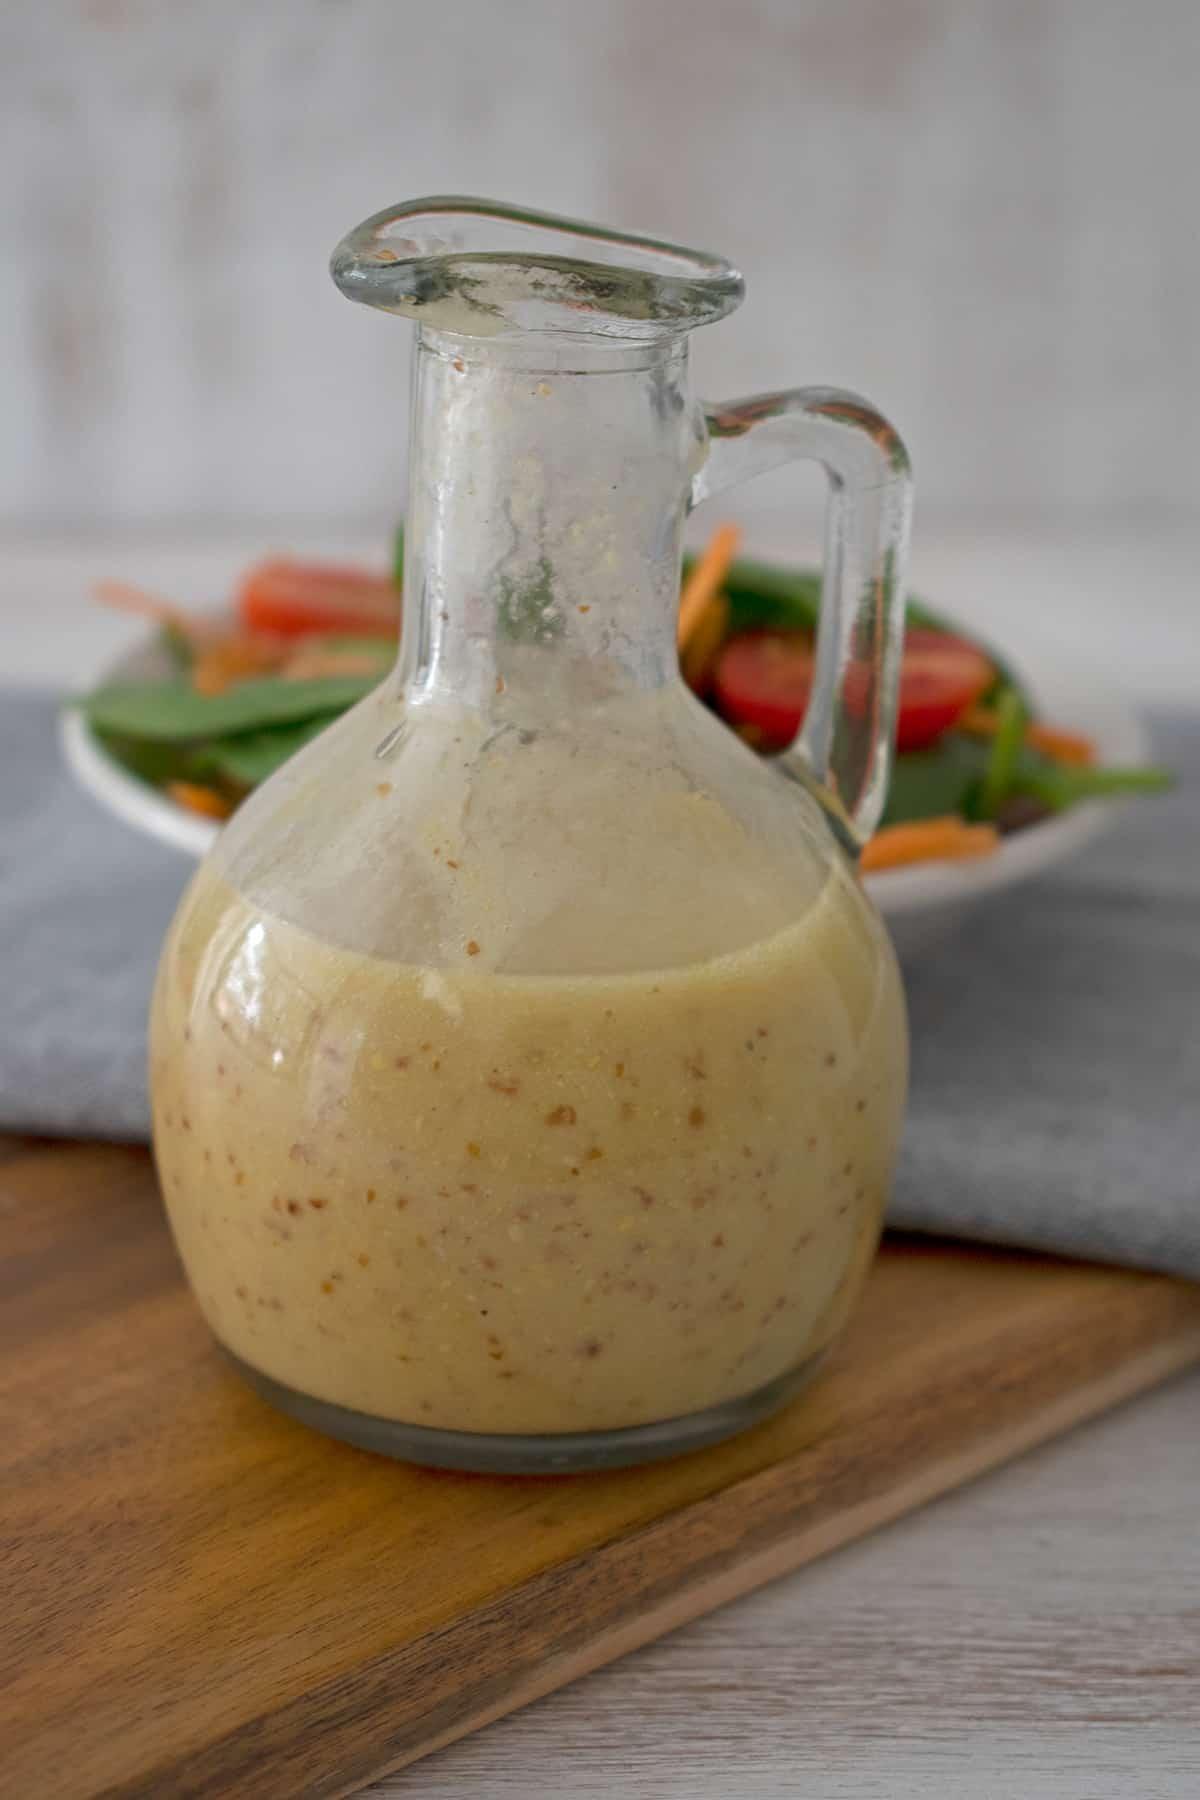 vinagreta o aderezo de mostaza en un frasco